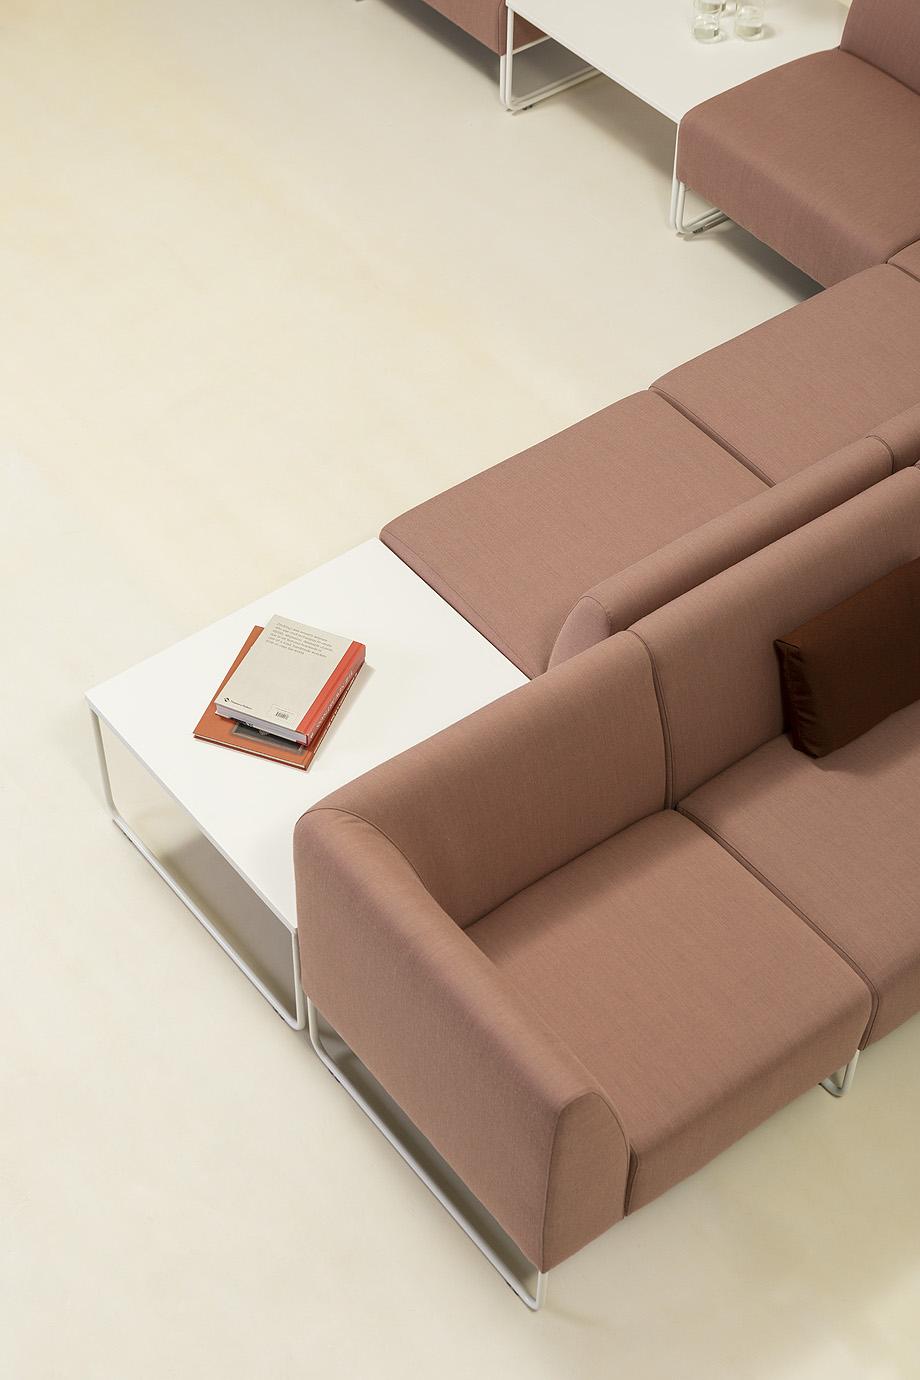 asientos modulares dula de yago sarri para verges (3)